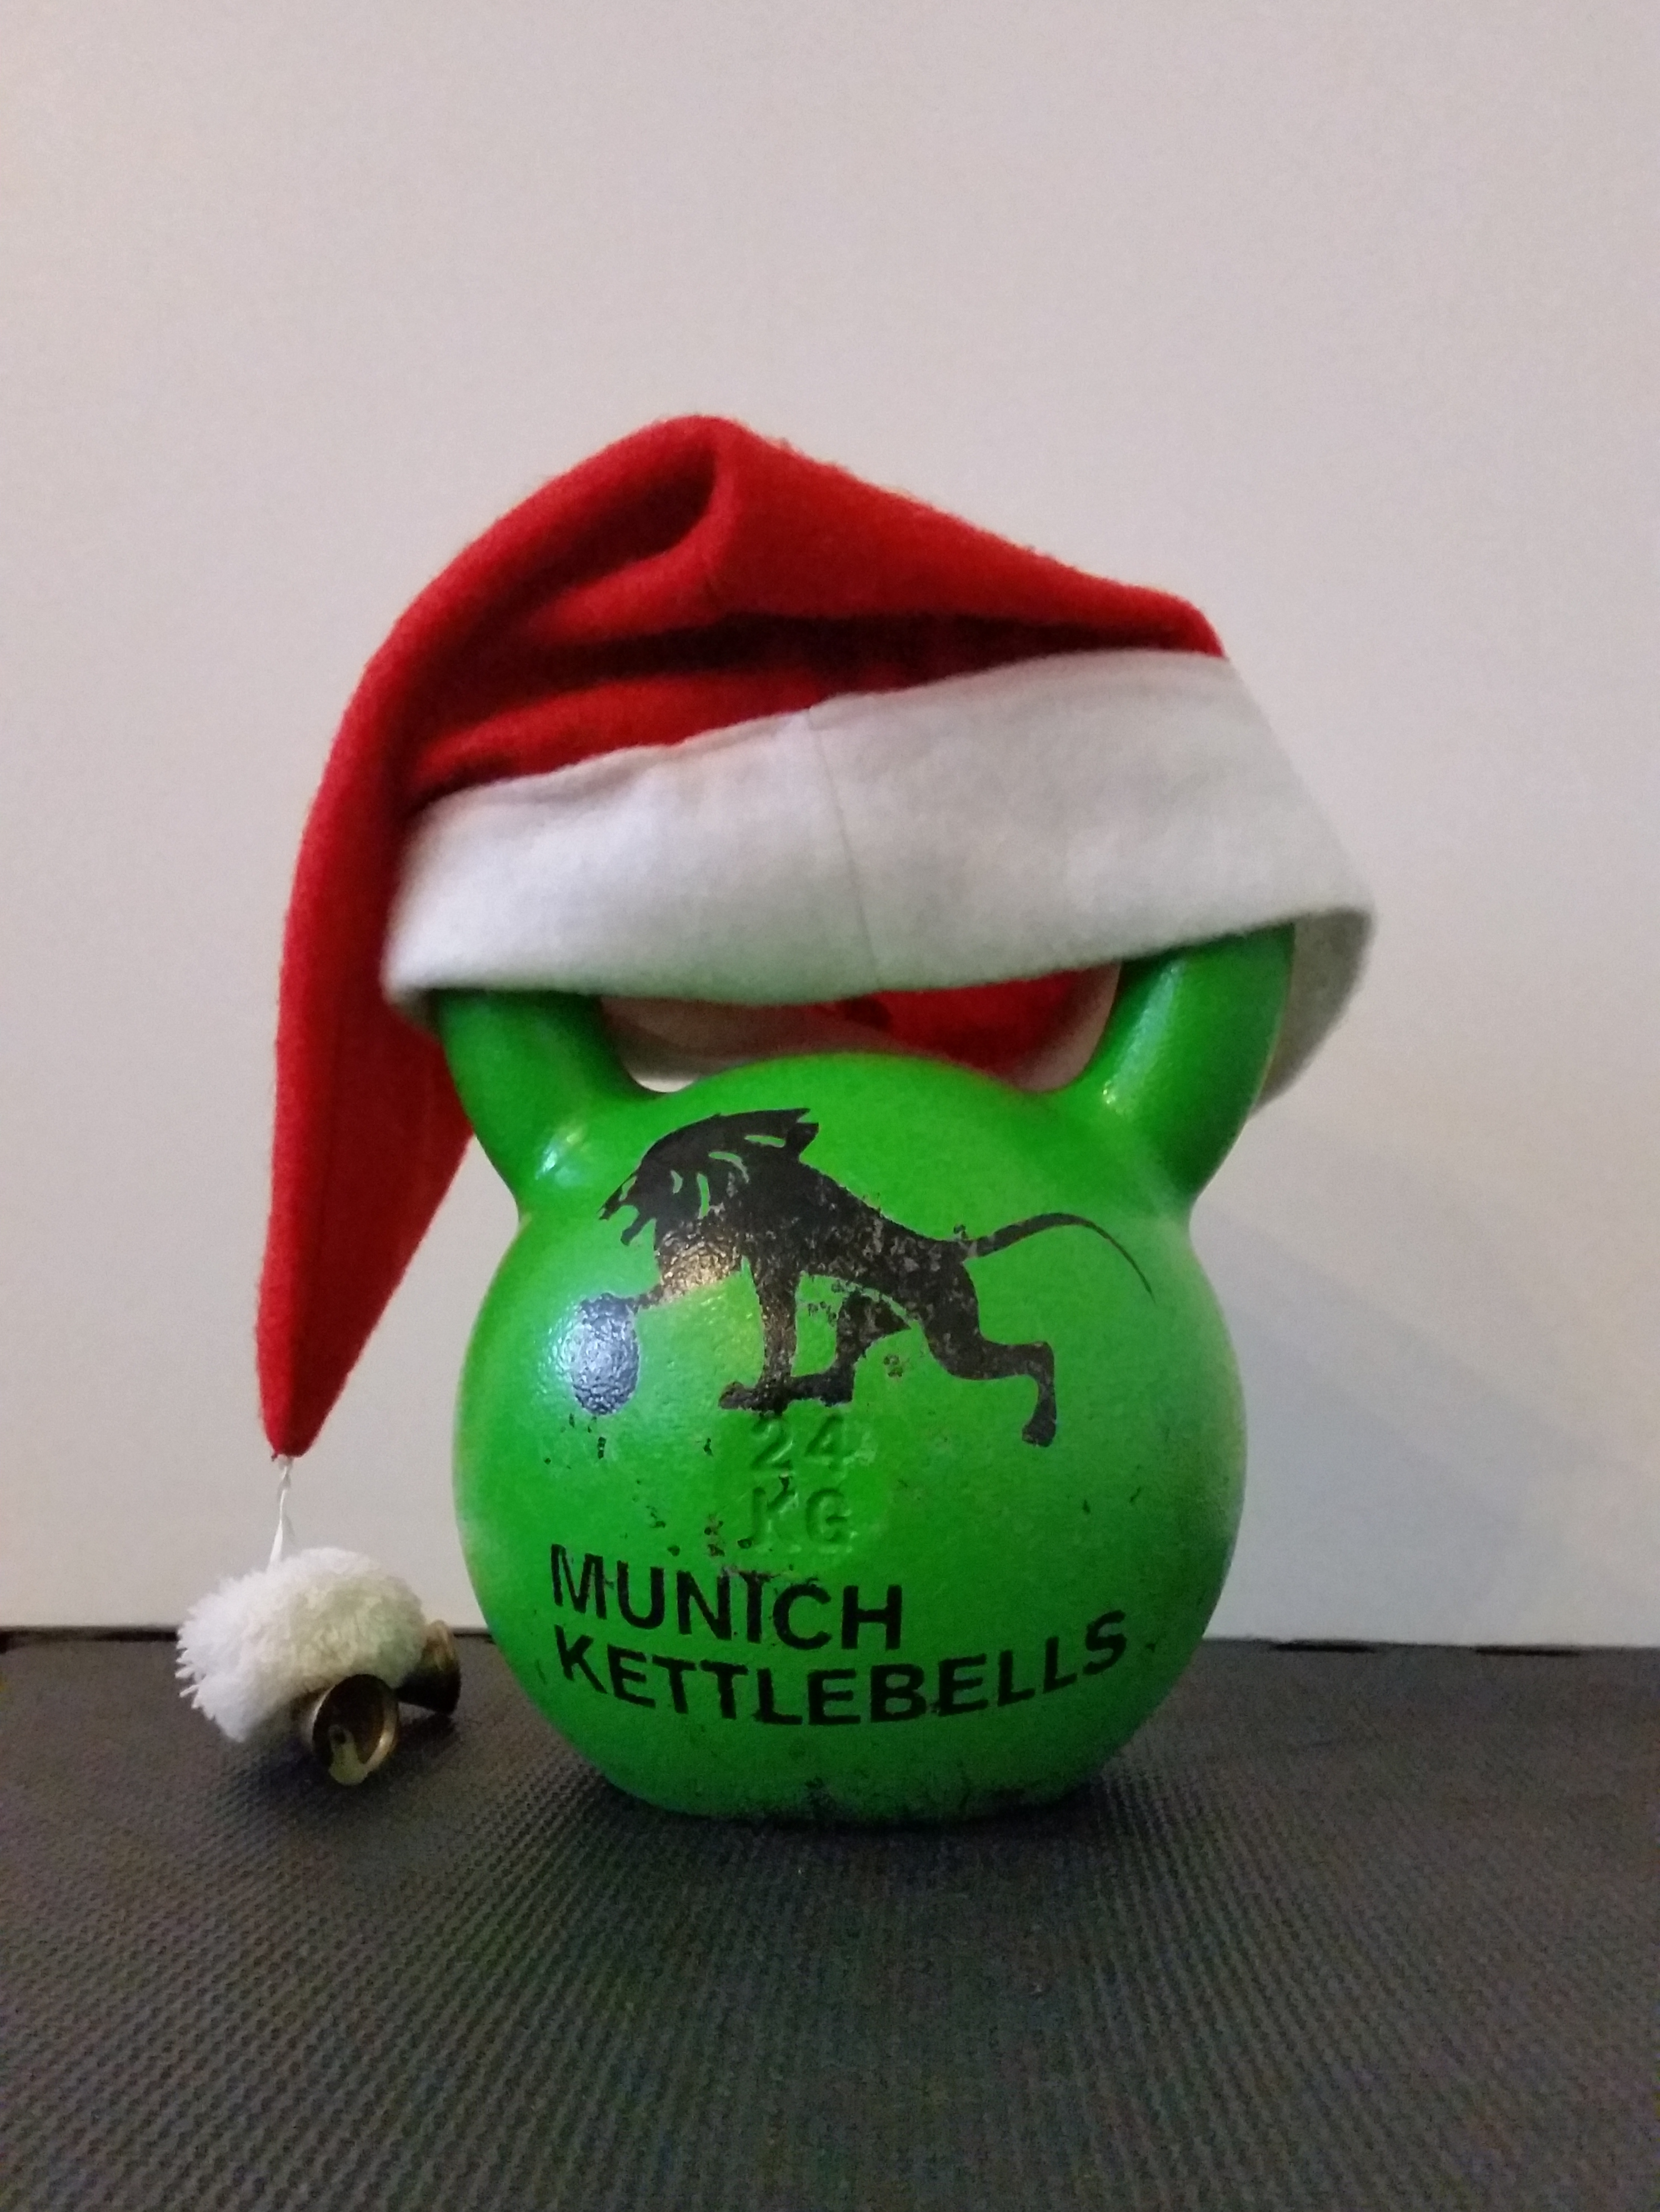 Munich Kettlebells Geschenke Tips für Weihnachten 2014 | Munich ...